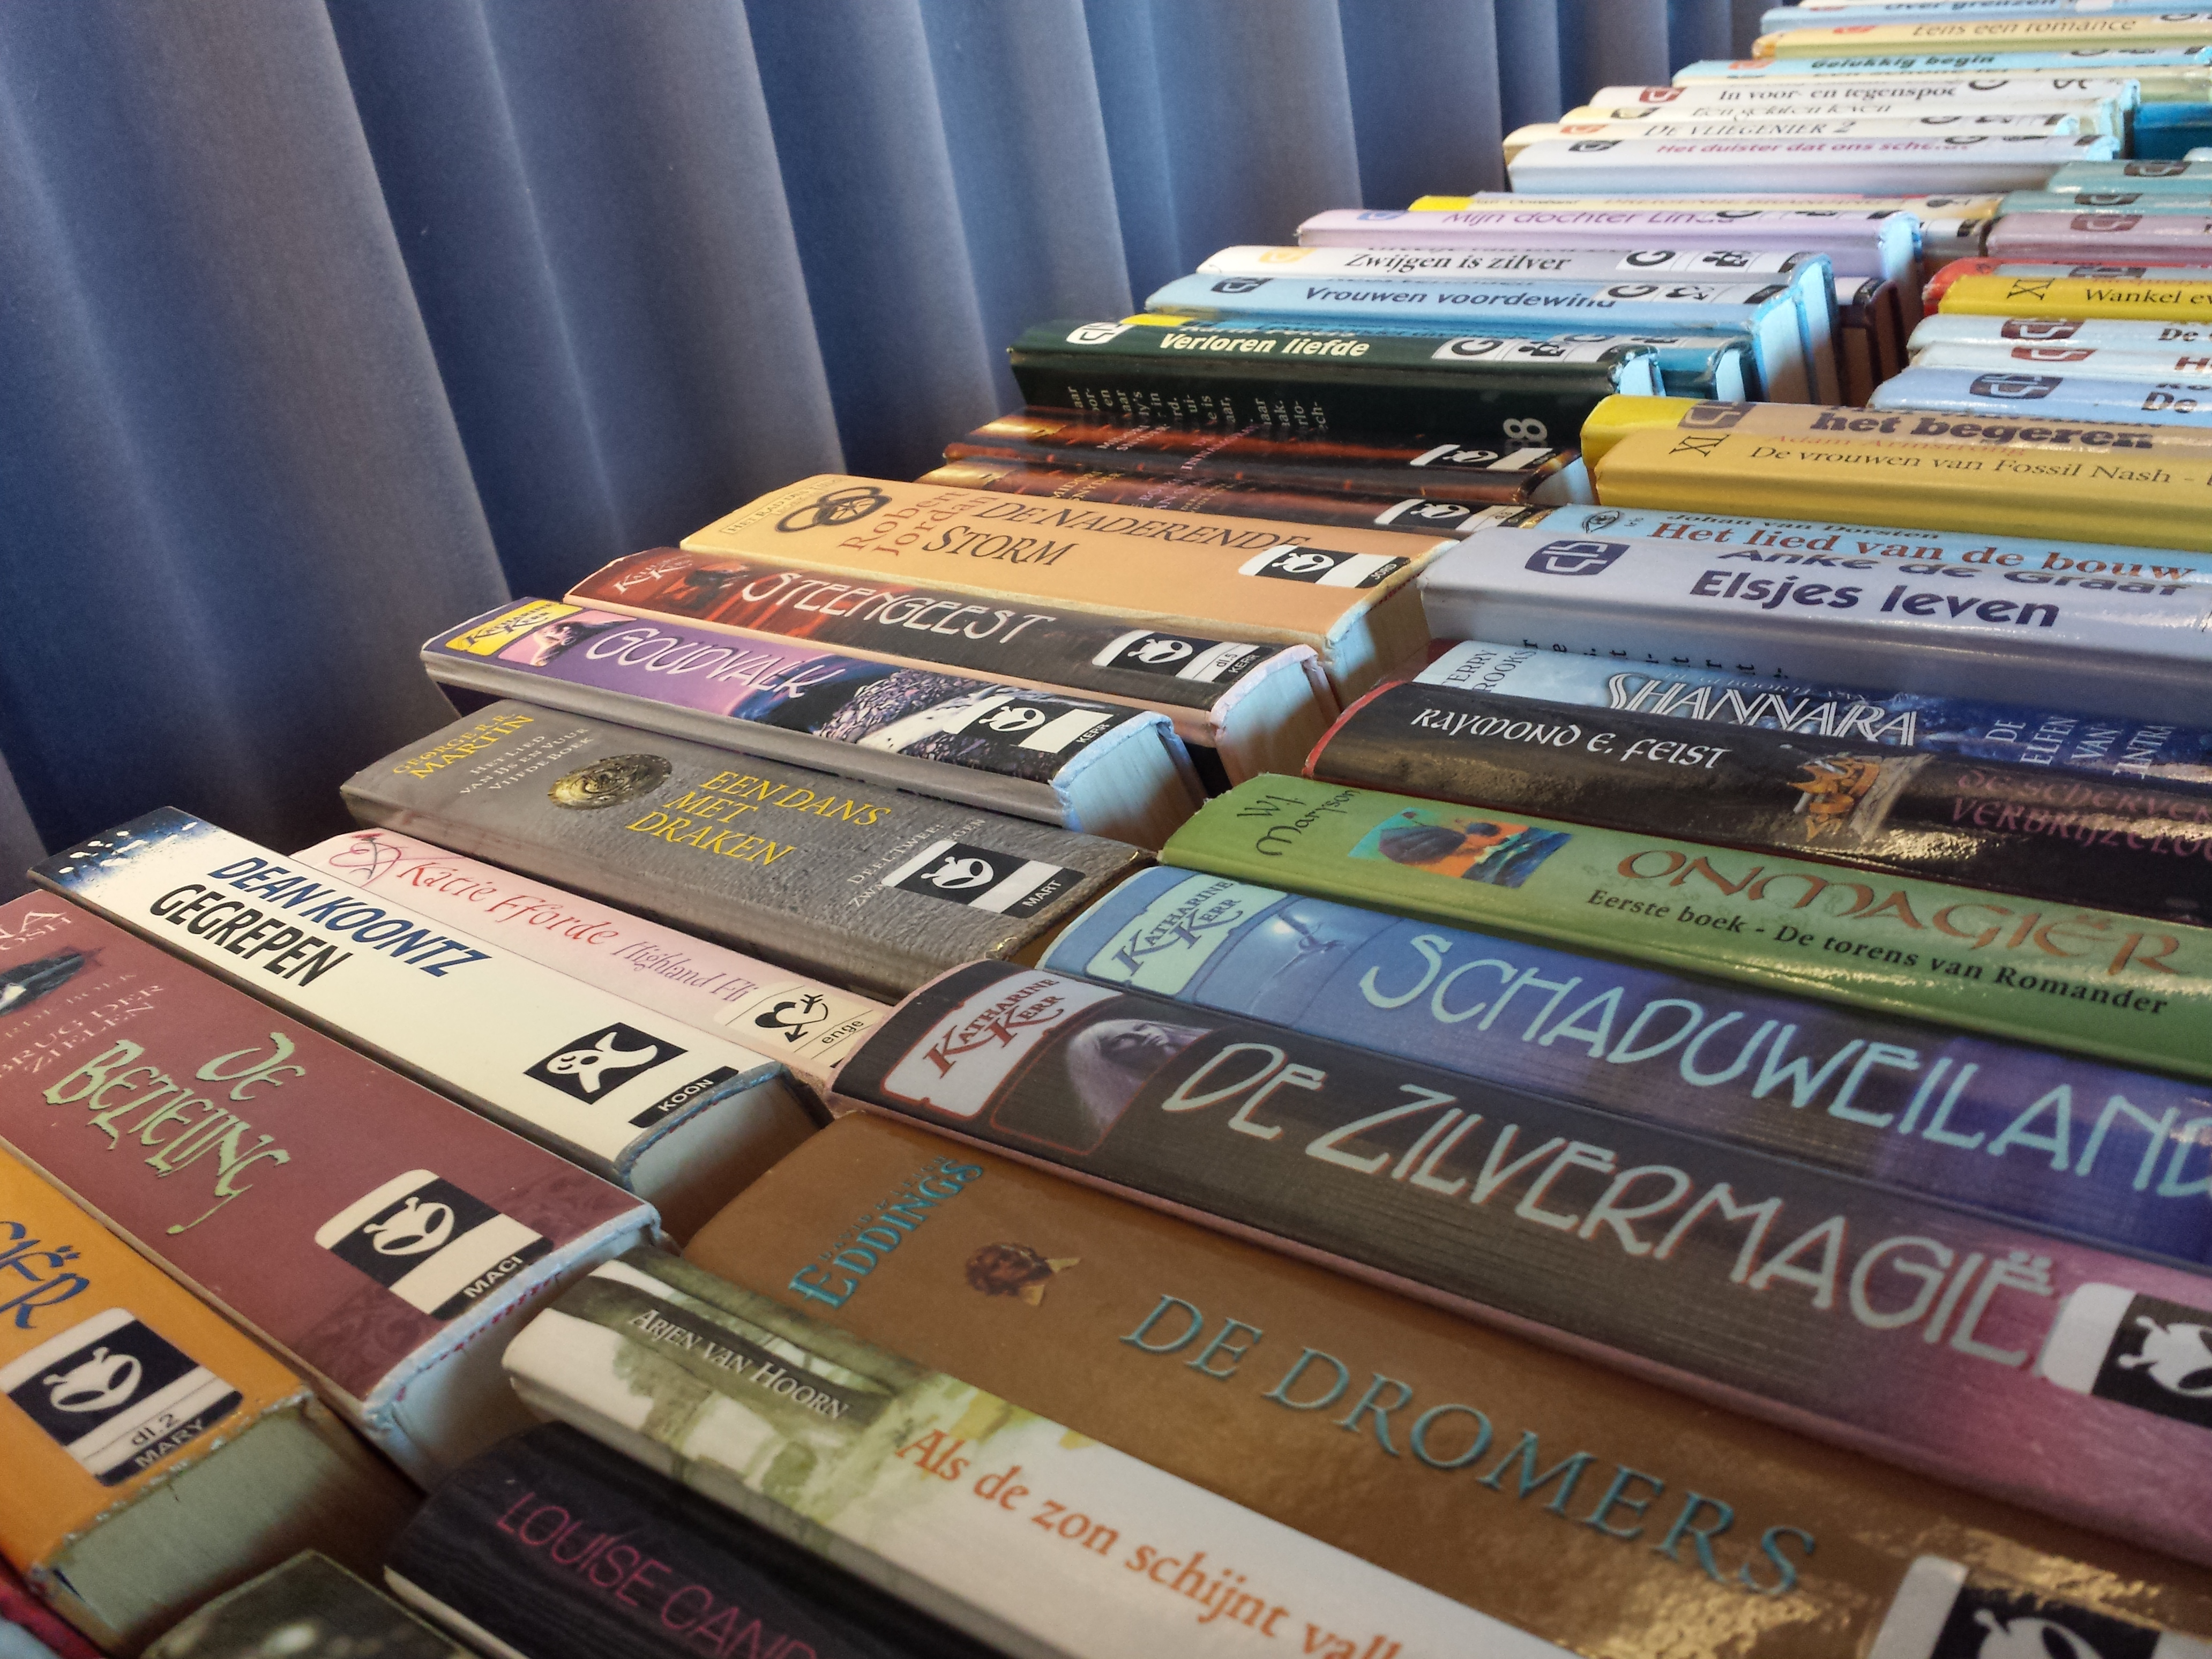 Boekenverkoop bibliotheek haarlem adorable books - Idee bibliotheek ...